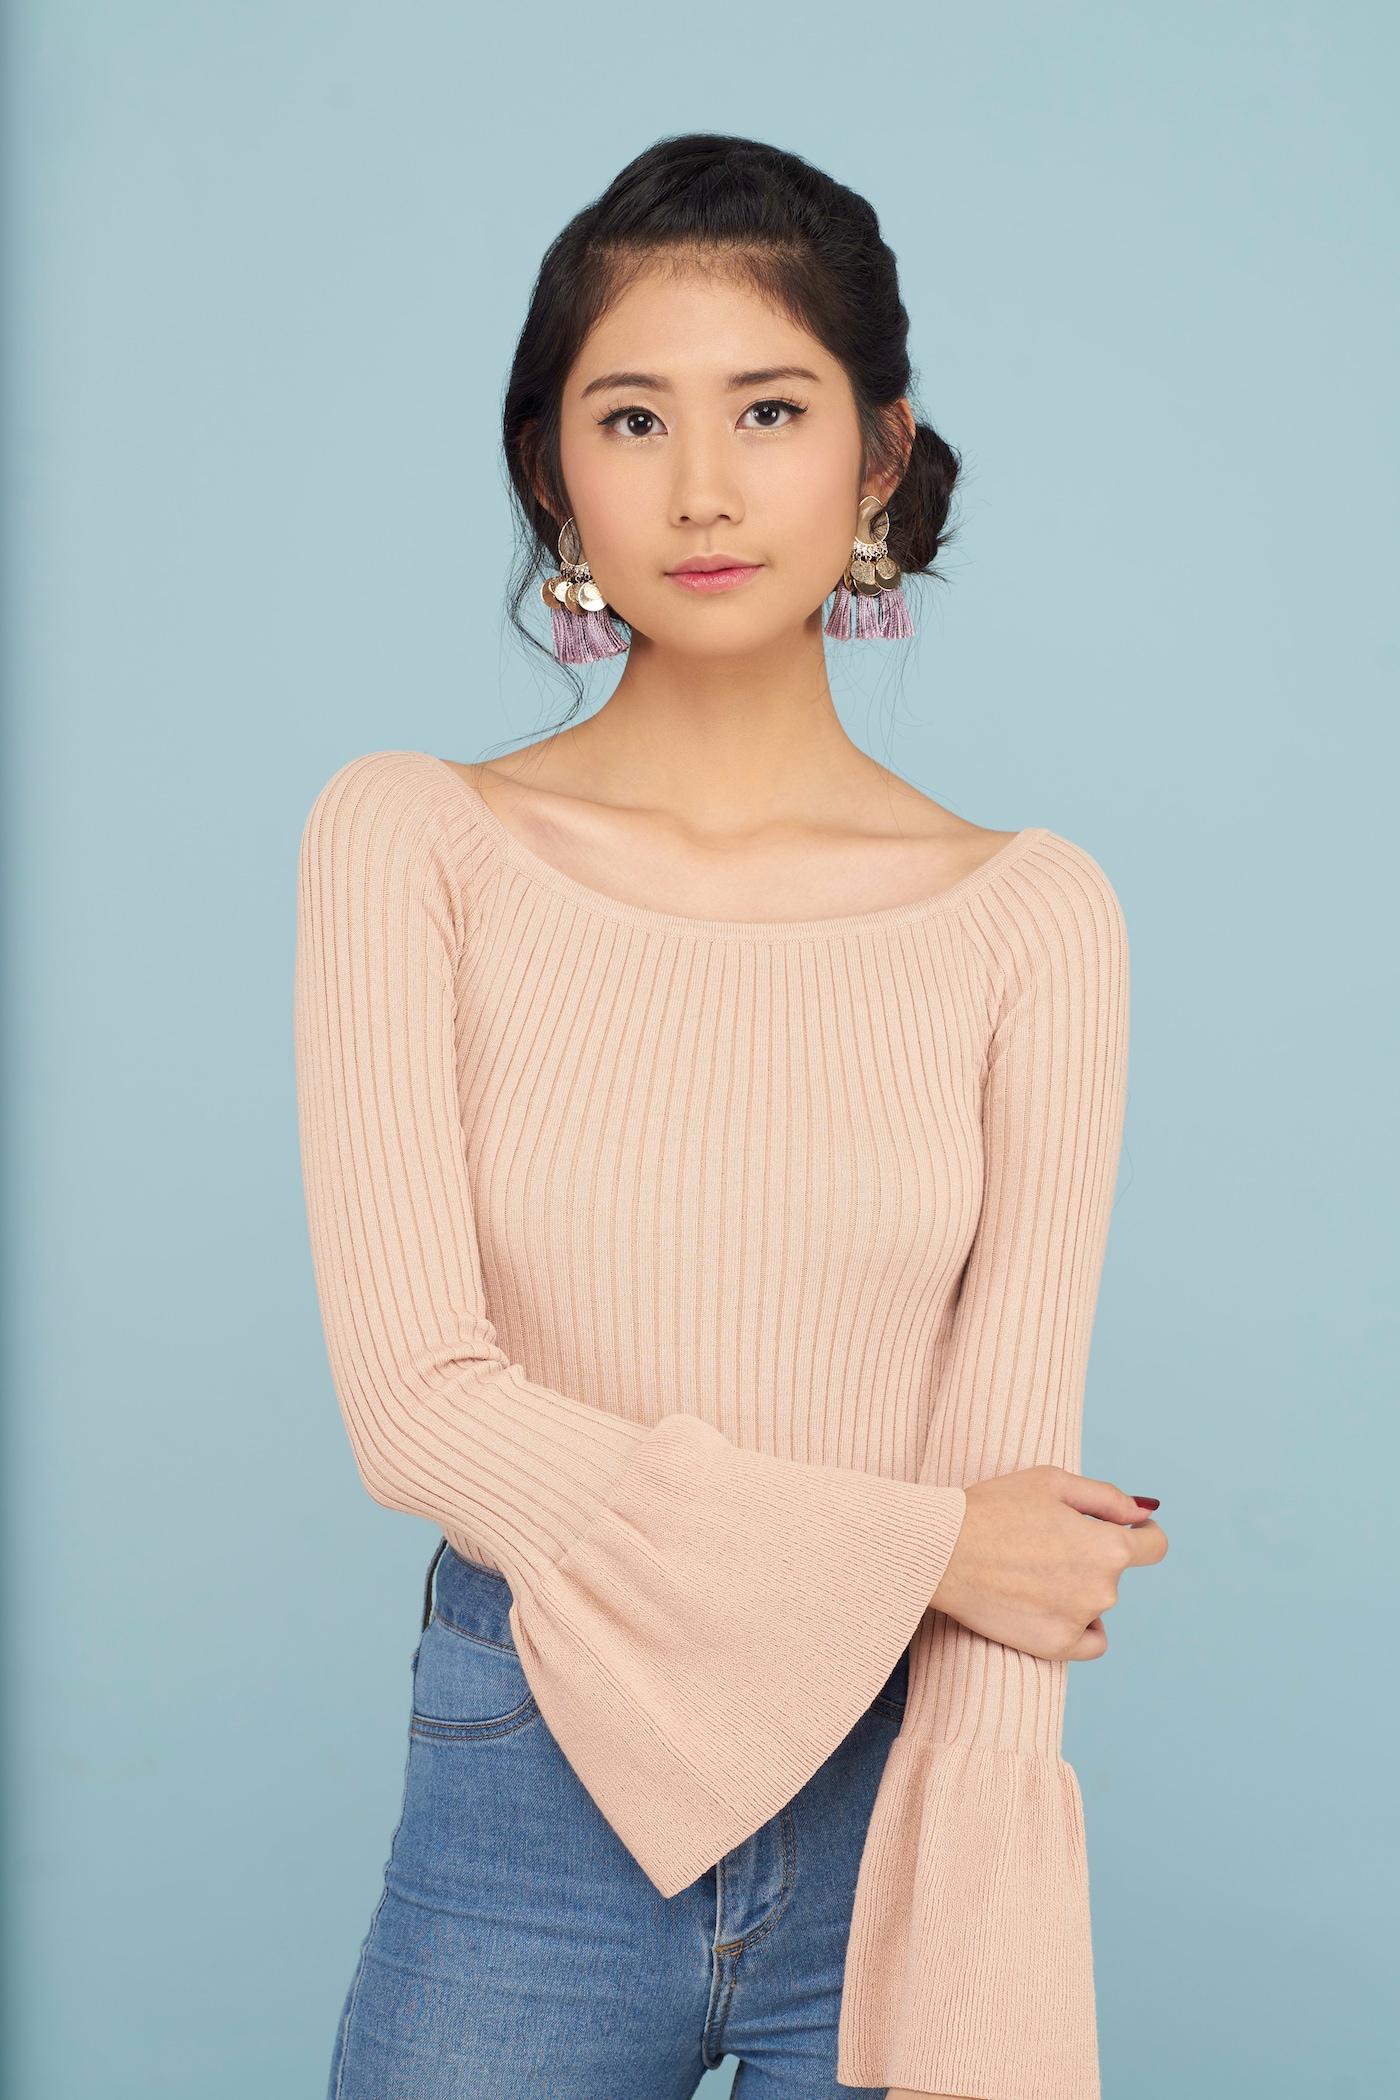 Wanita Asia dengan model rambut sanggul kepang samping